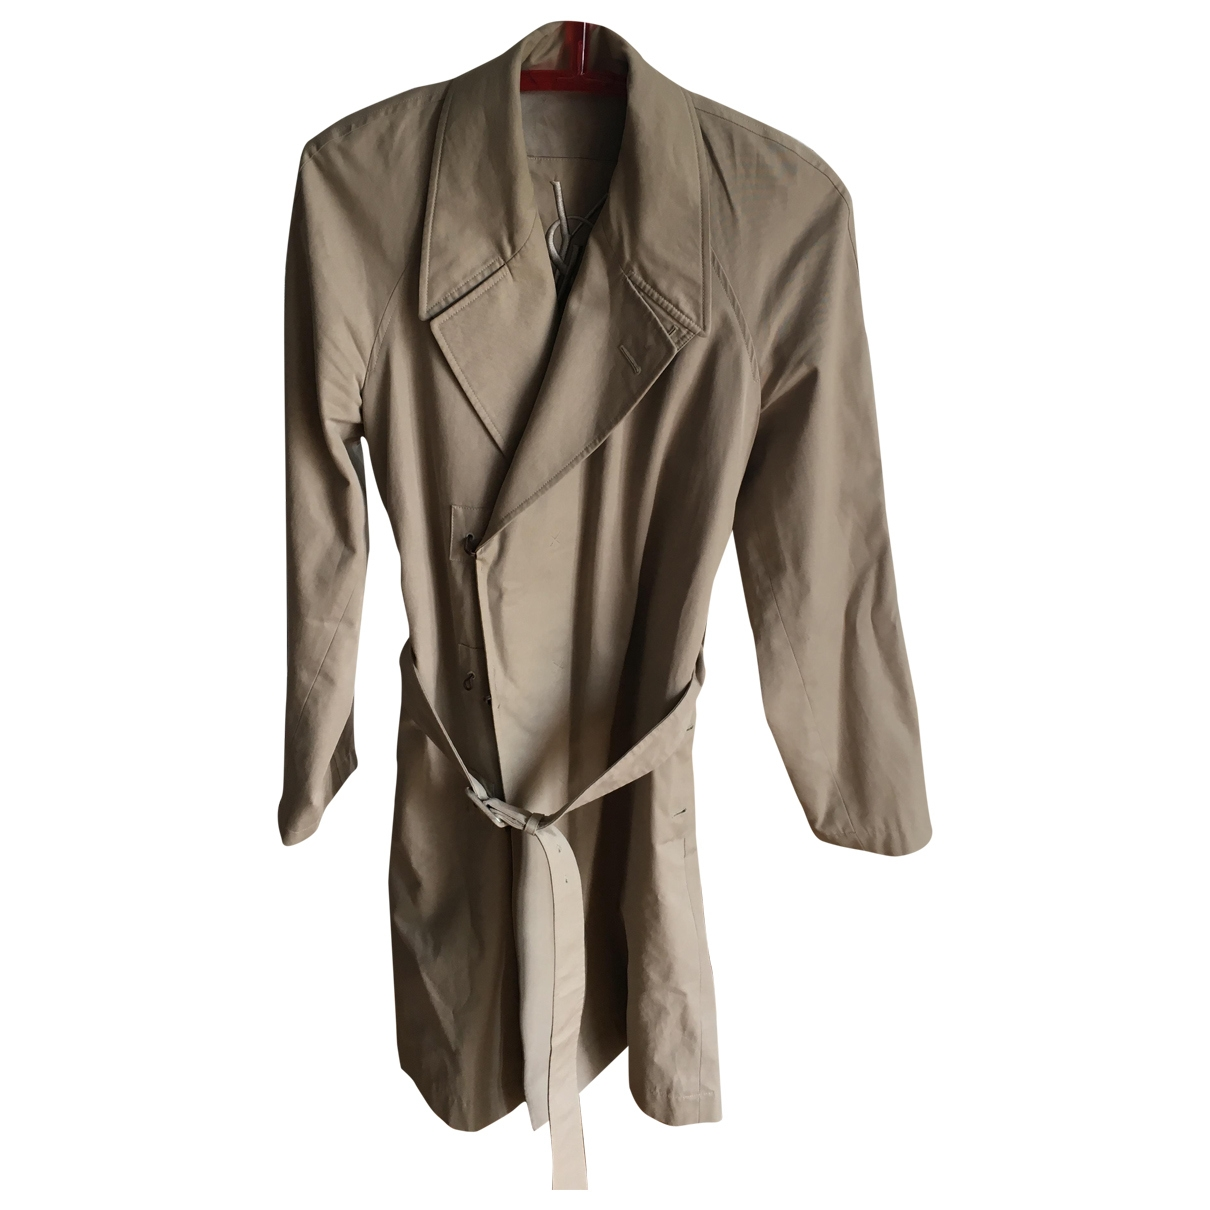 Yves Saint Laurent - Manteau   pour homme en coton - beige